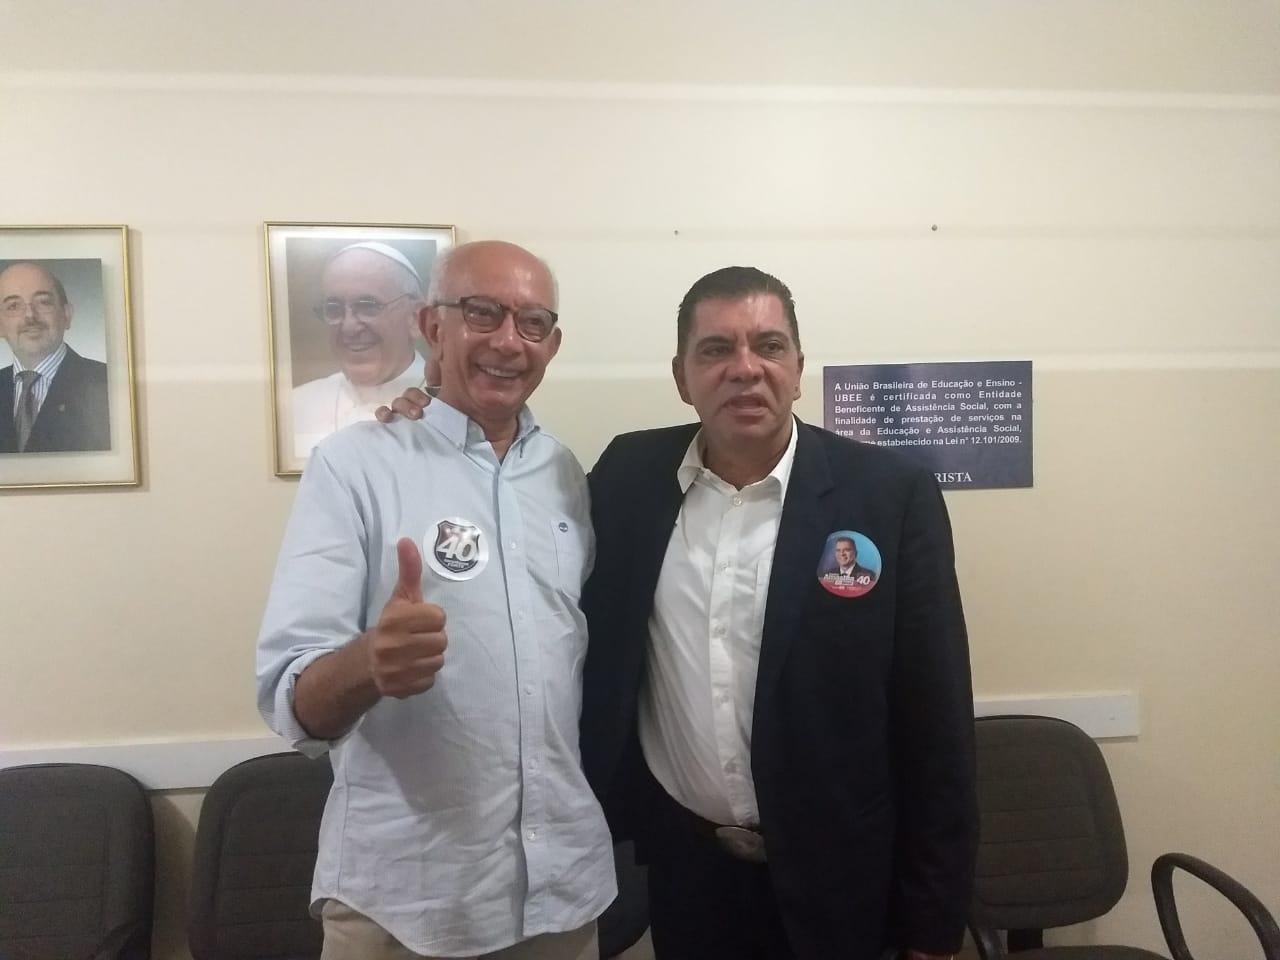 Ex-prefeito de Taipas é mais uma liderança do Sudeste a declarar apoio a Amastha